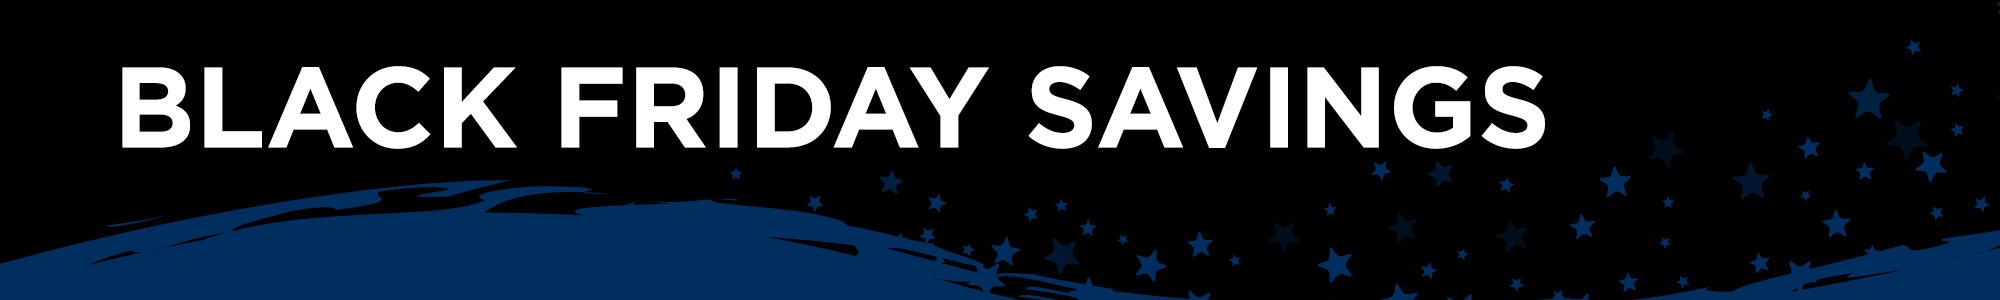 Maytag Black Friday Savings Banner